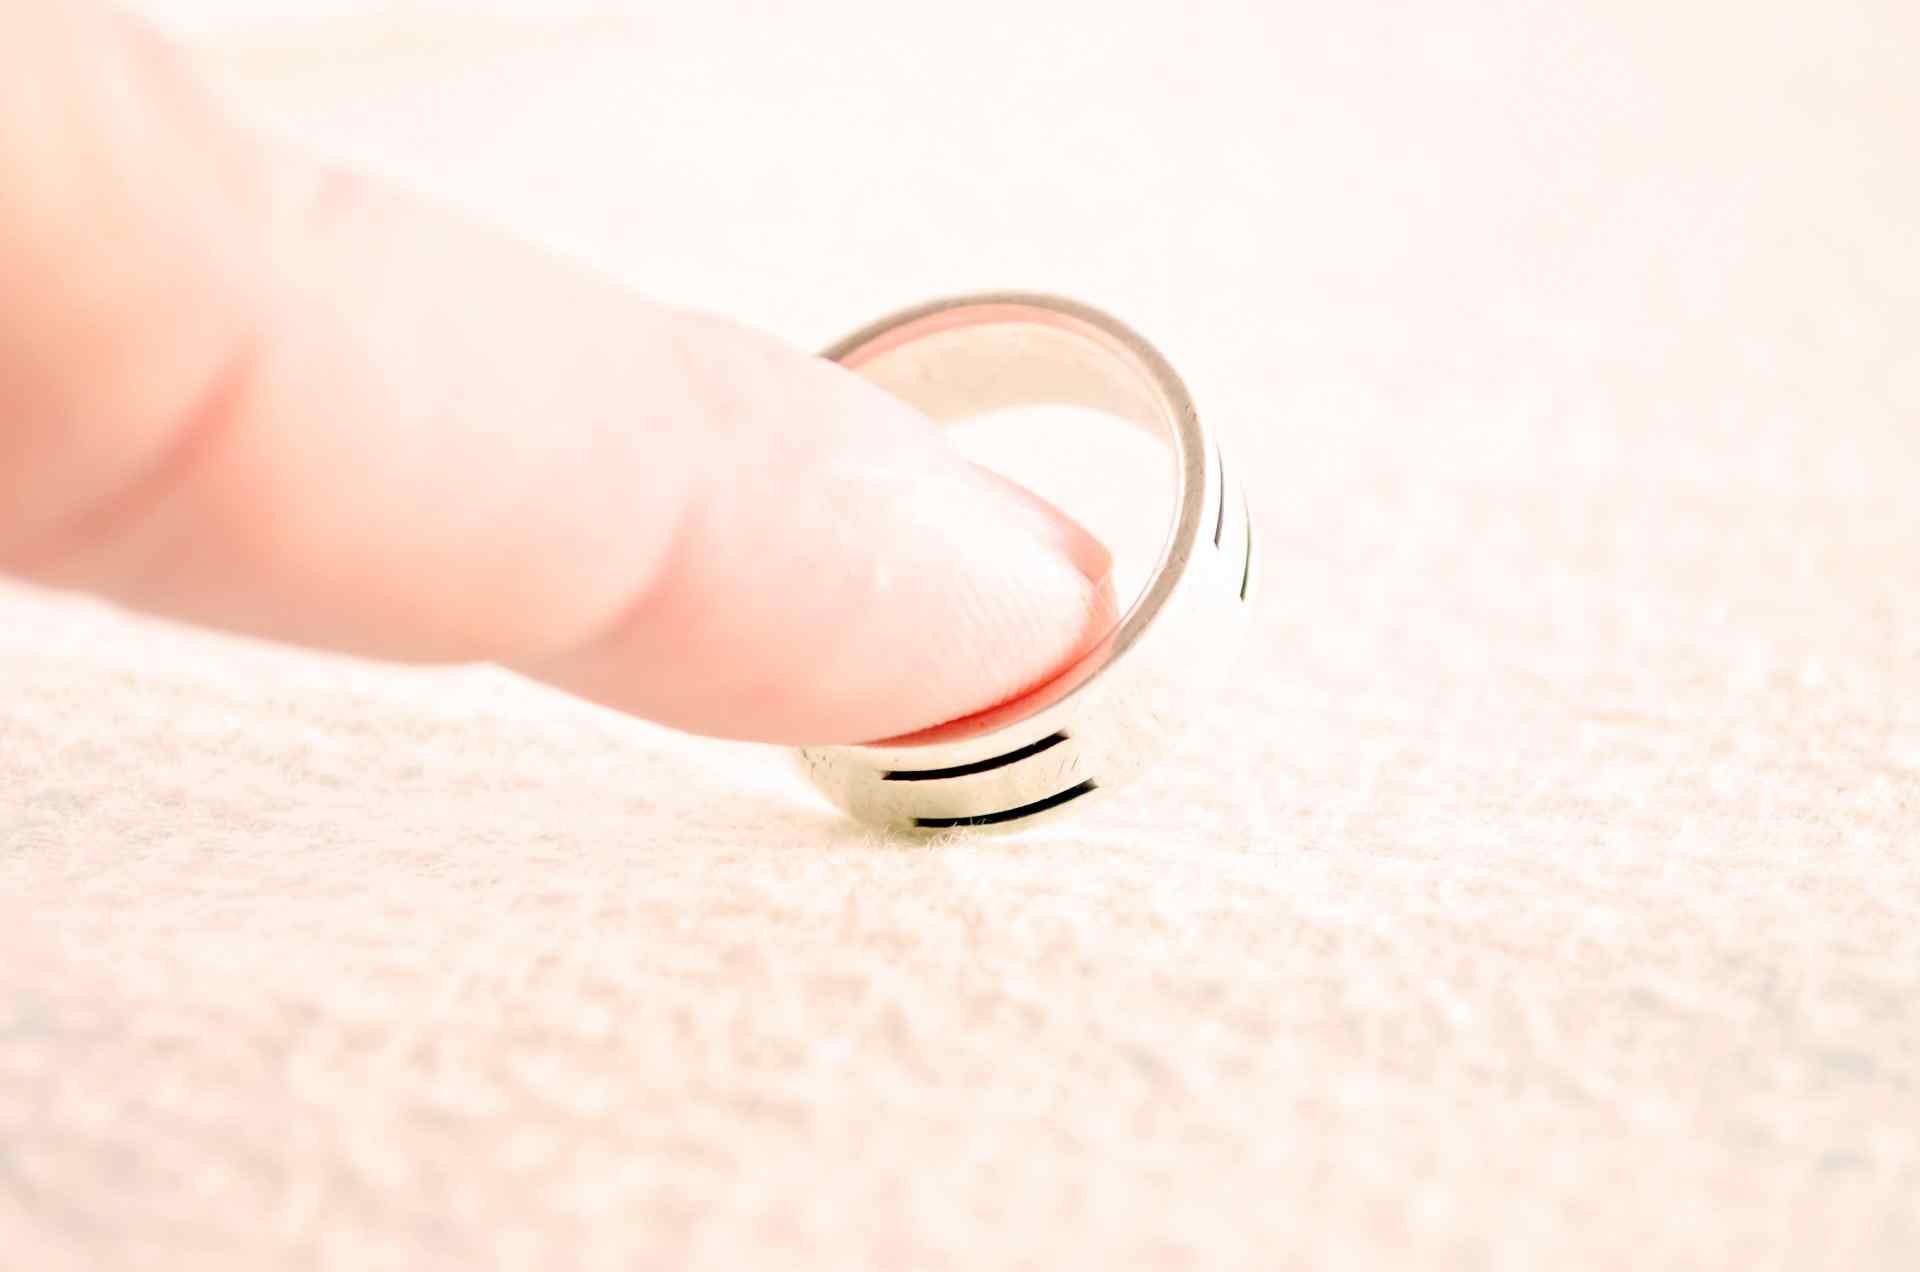 España, el país europeo donde más aumentan los divorcios